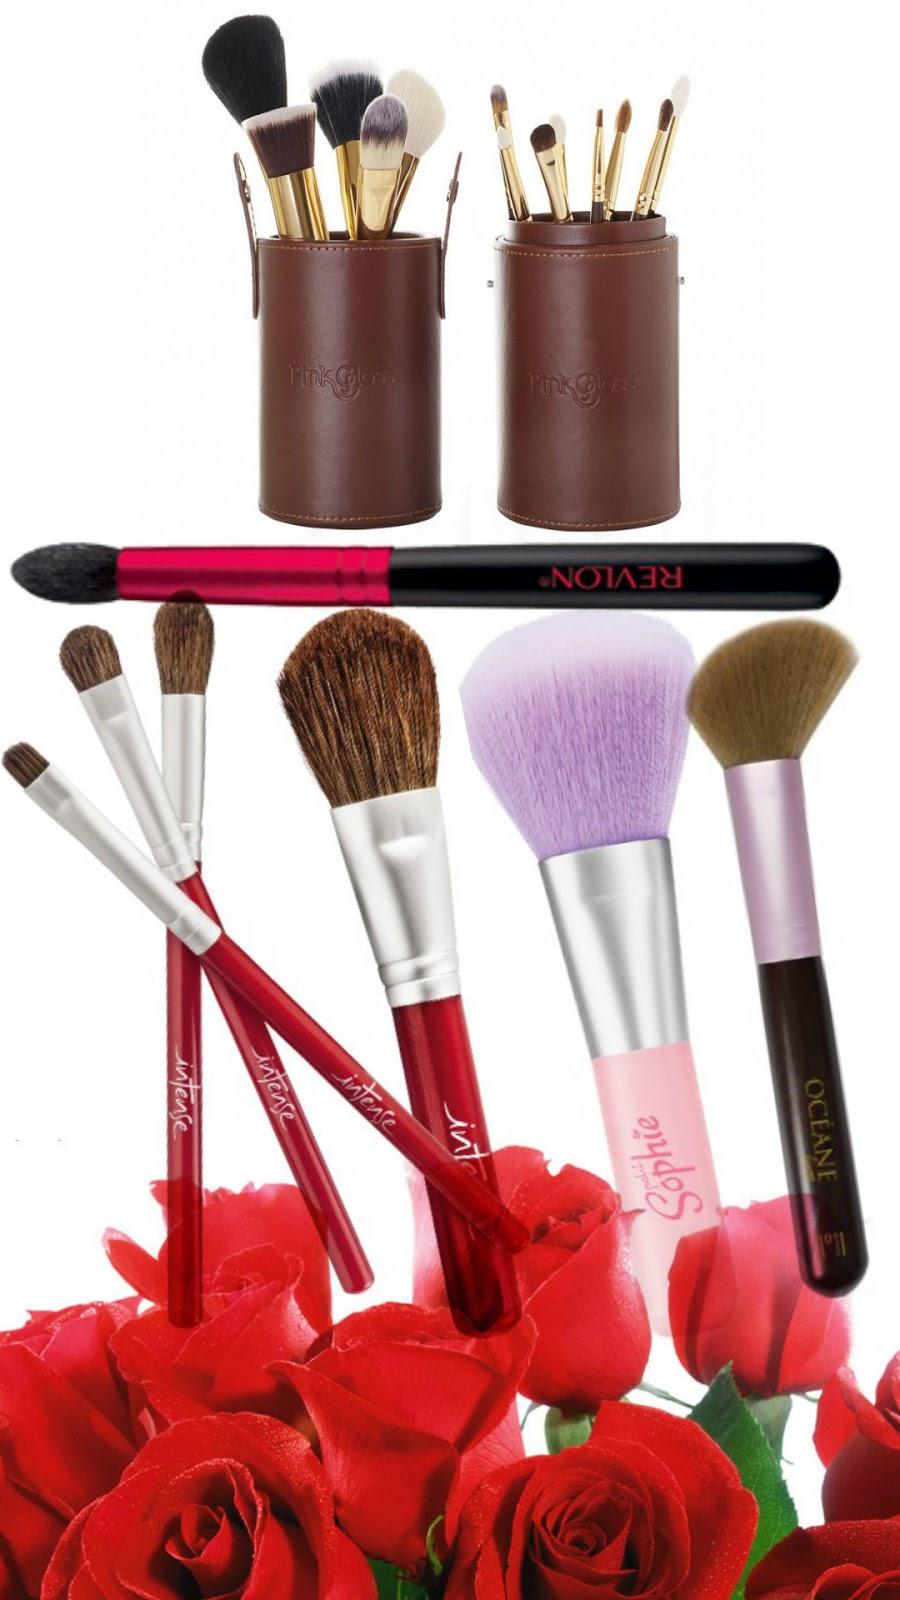 Kit de Pincéis, pinceis, pincel, pincel de maquiagem, maquiagens, comprar maquiagem, dicas de maquiagem, kit de maquiagem, loja de maquiagem, blog de maquiagem, presente, presentes, presente dia das mães